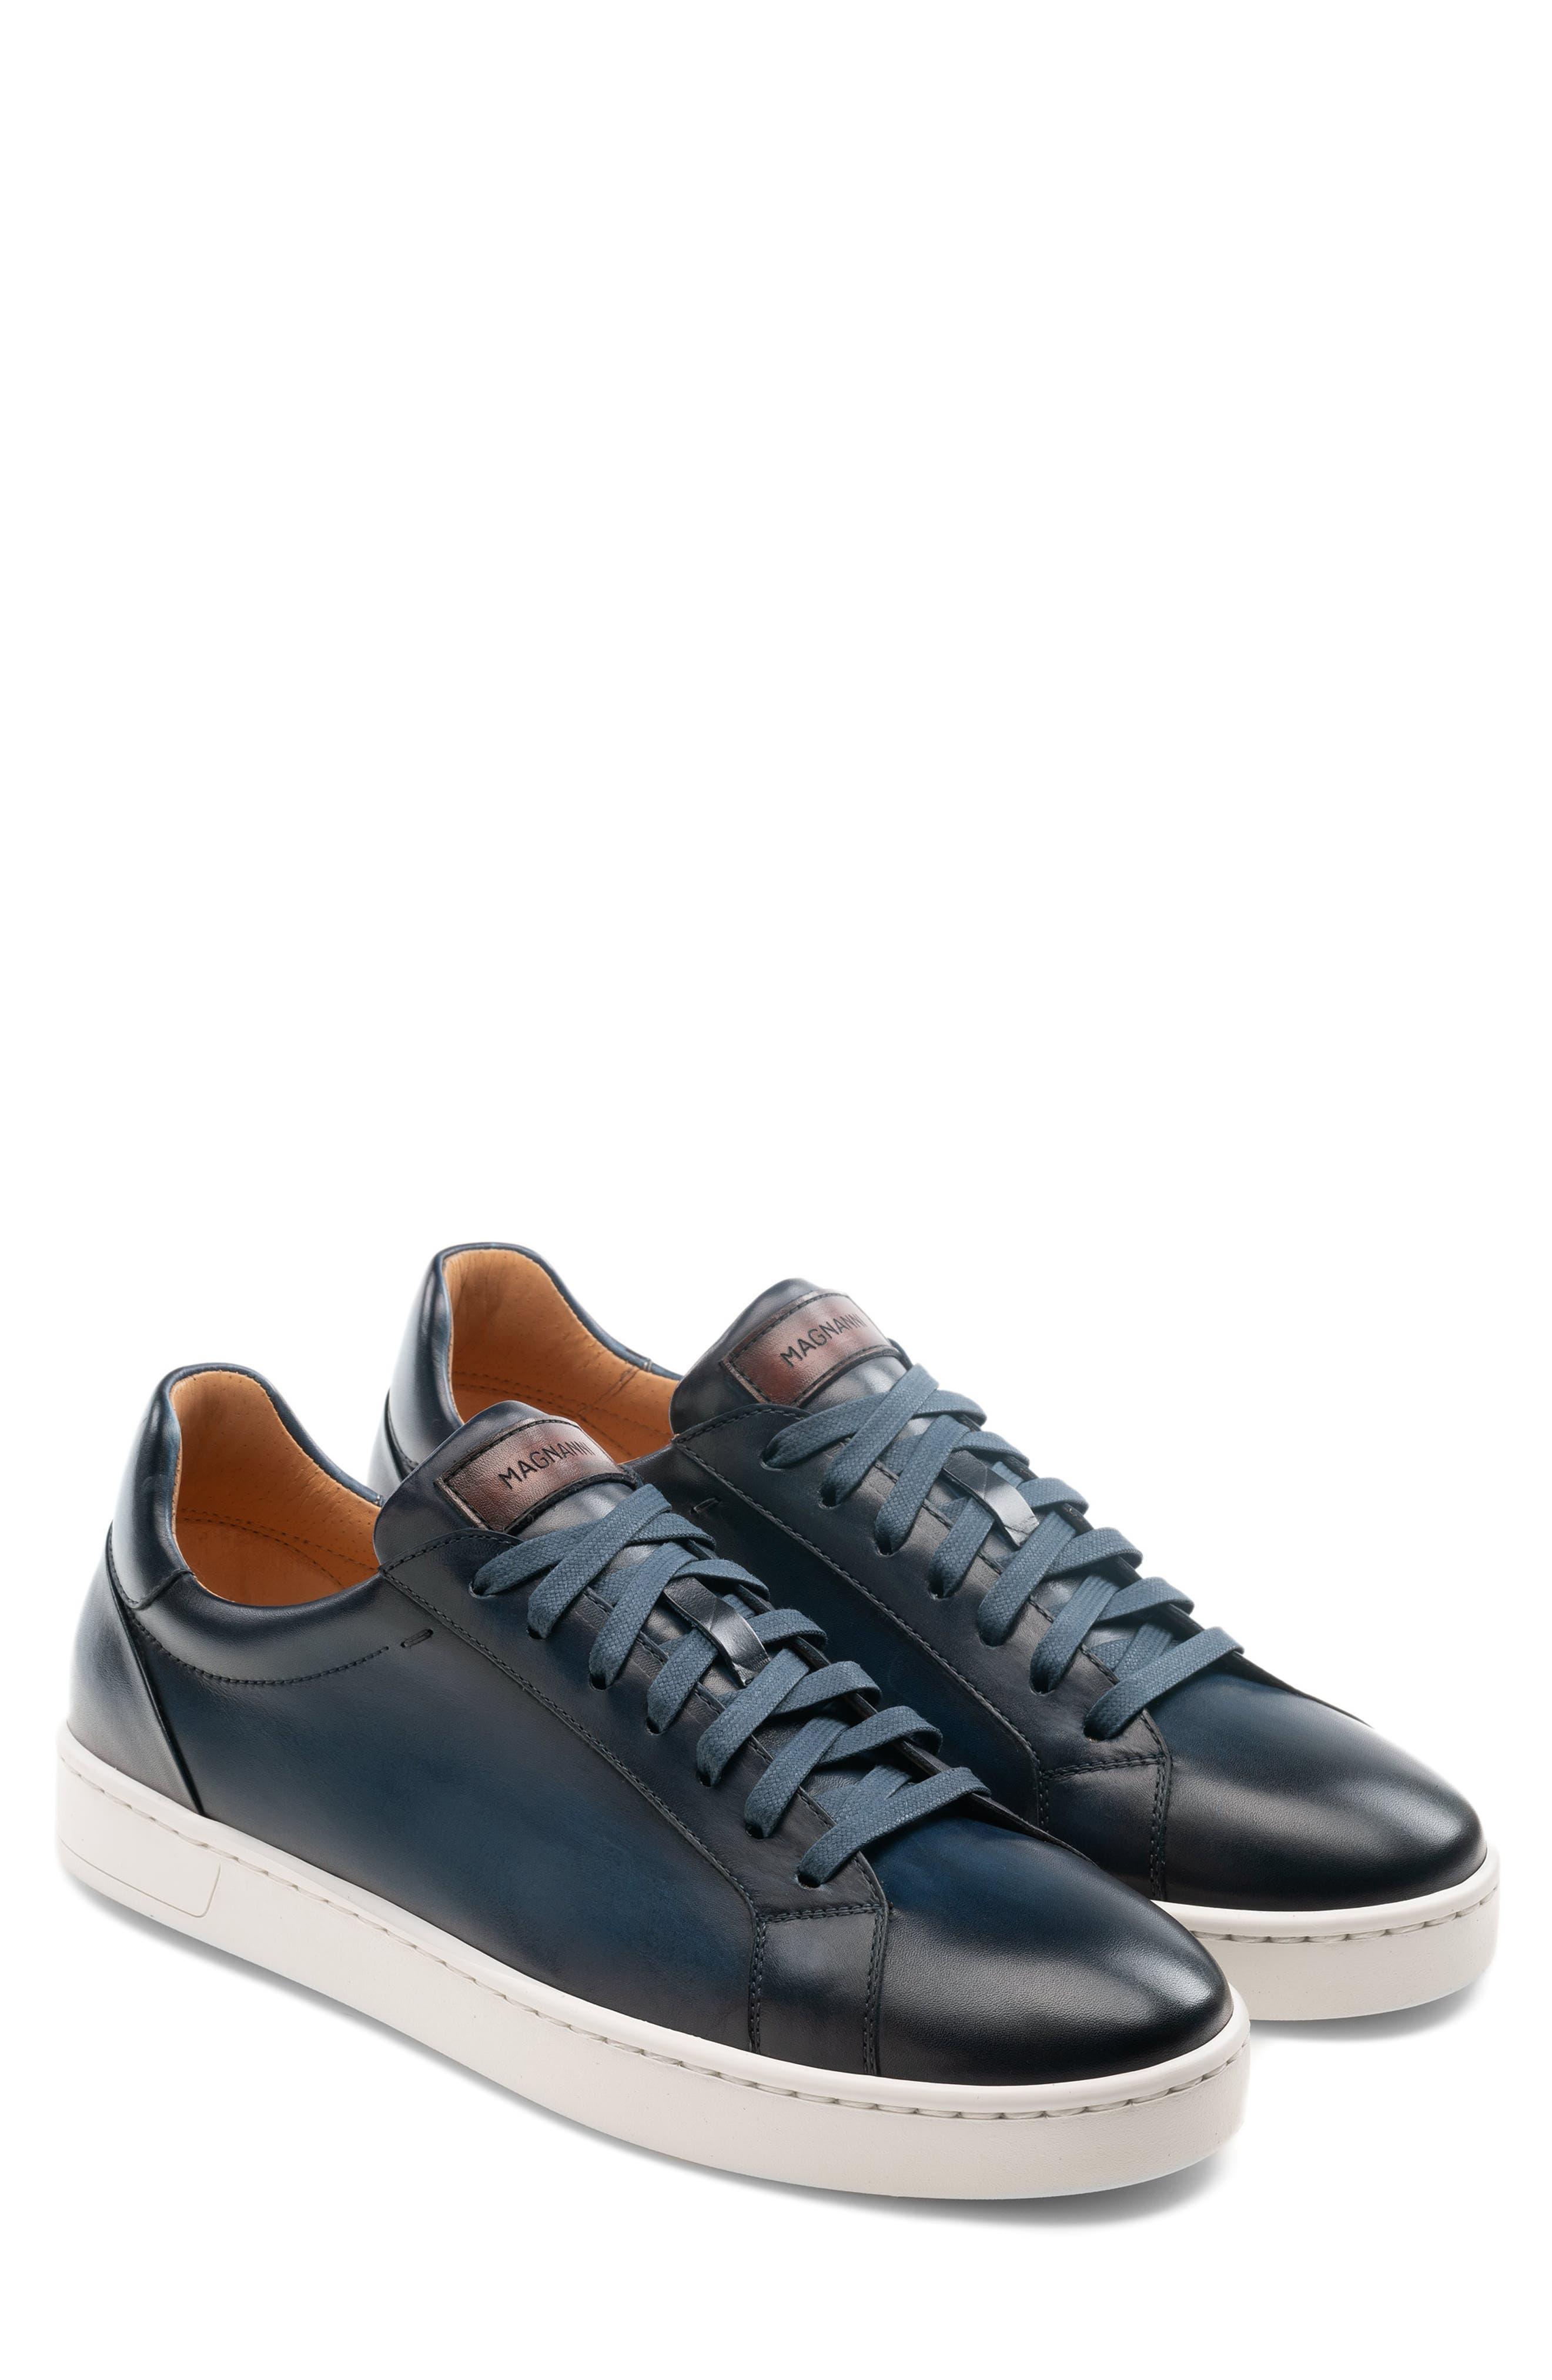 Men's Dress Sneakers | Nordstrom